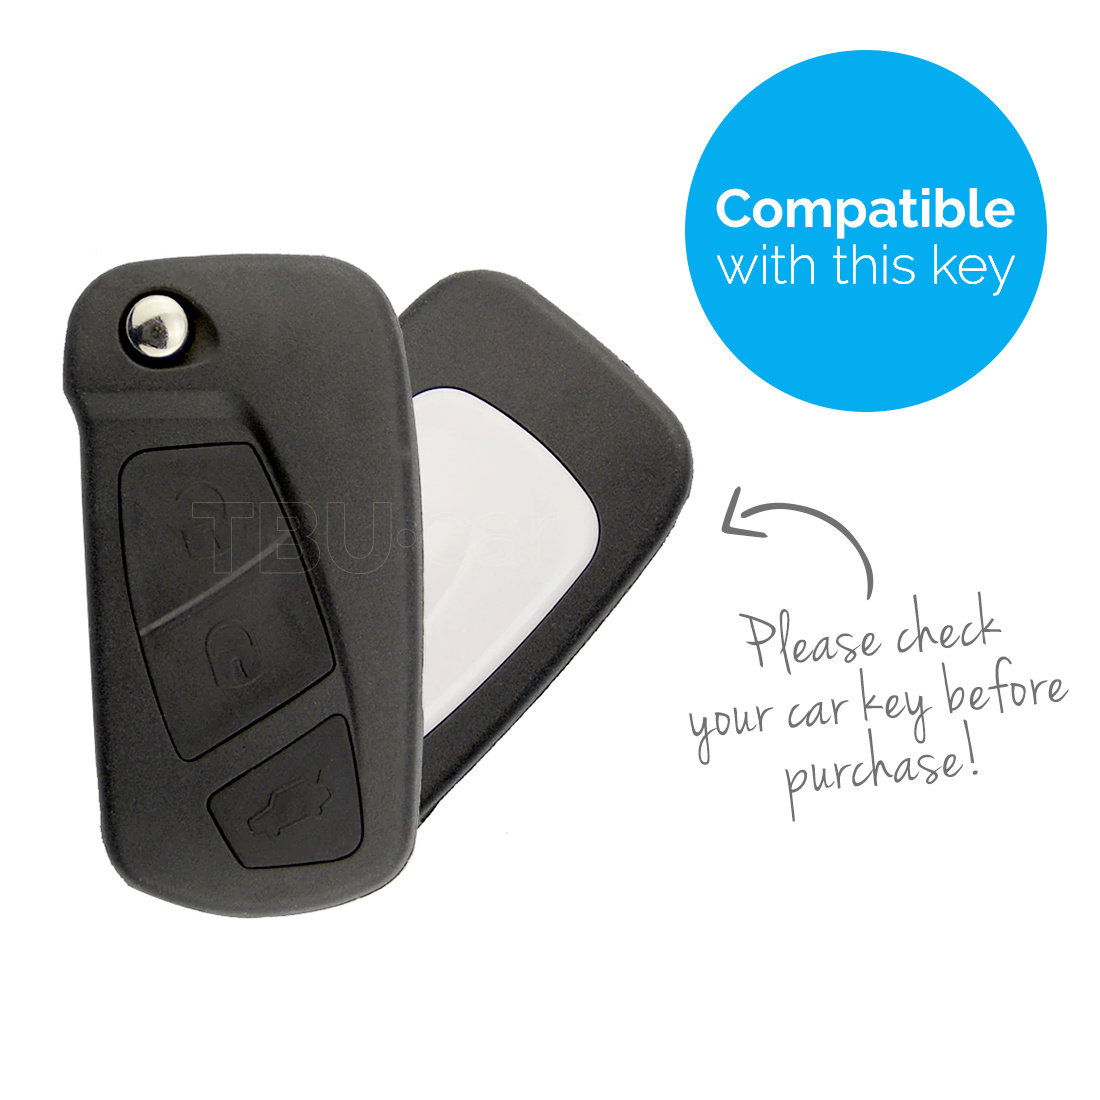 TBU car TBU car Sleutel cover compatibel met Ford - Silicone sleutelhoesje - beschermhoesje autosleutel - Lime groen